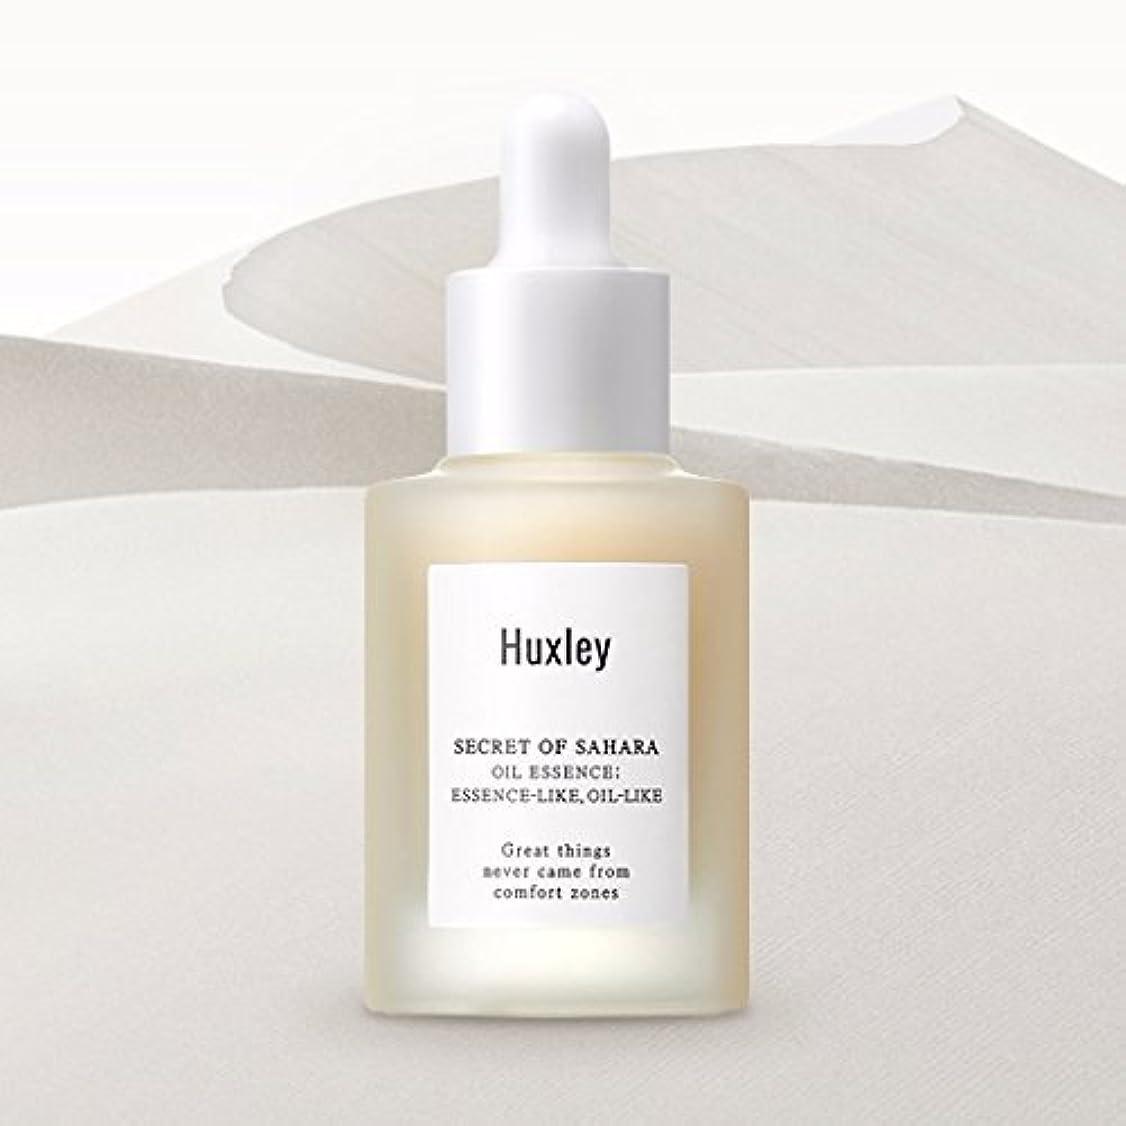 吹雪古風なハイキングに行くハクスリー サハラ砂漠の秘密オイルエッセンス30ml / Huxley Secret of Sahara OIL Essence (Essence-Like, Oil-Like) 30ml (1.01fl.oz.) Made...